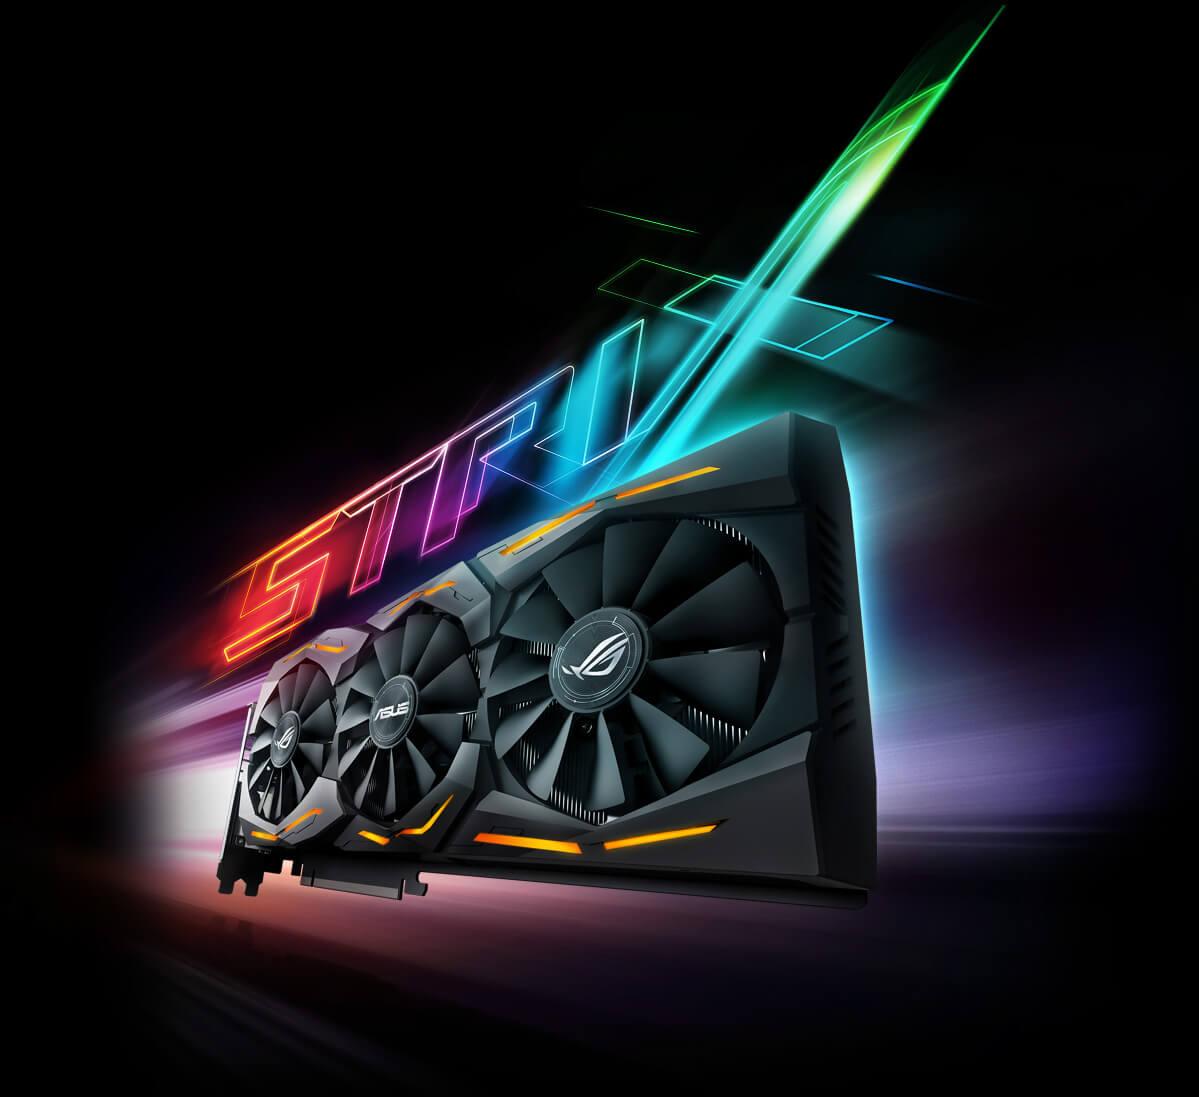 ASUS ROG Strix GeForce GTX 1080 Advanced, 8GB GDDR5X, DVI, 2x HDMI, 2x DisplayPort